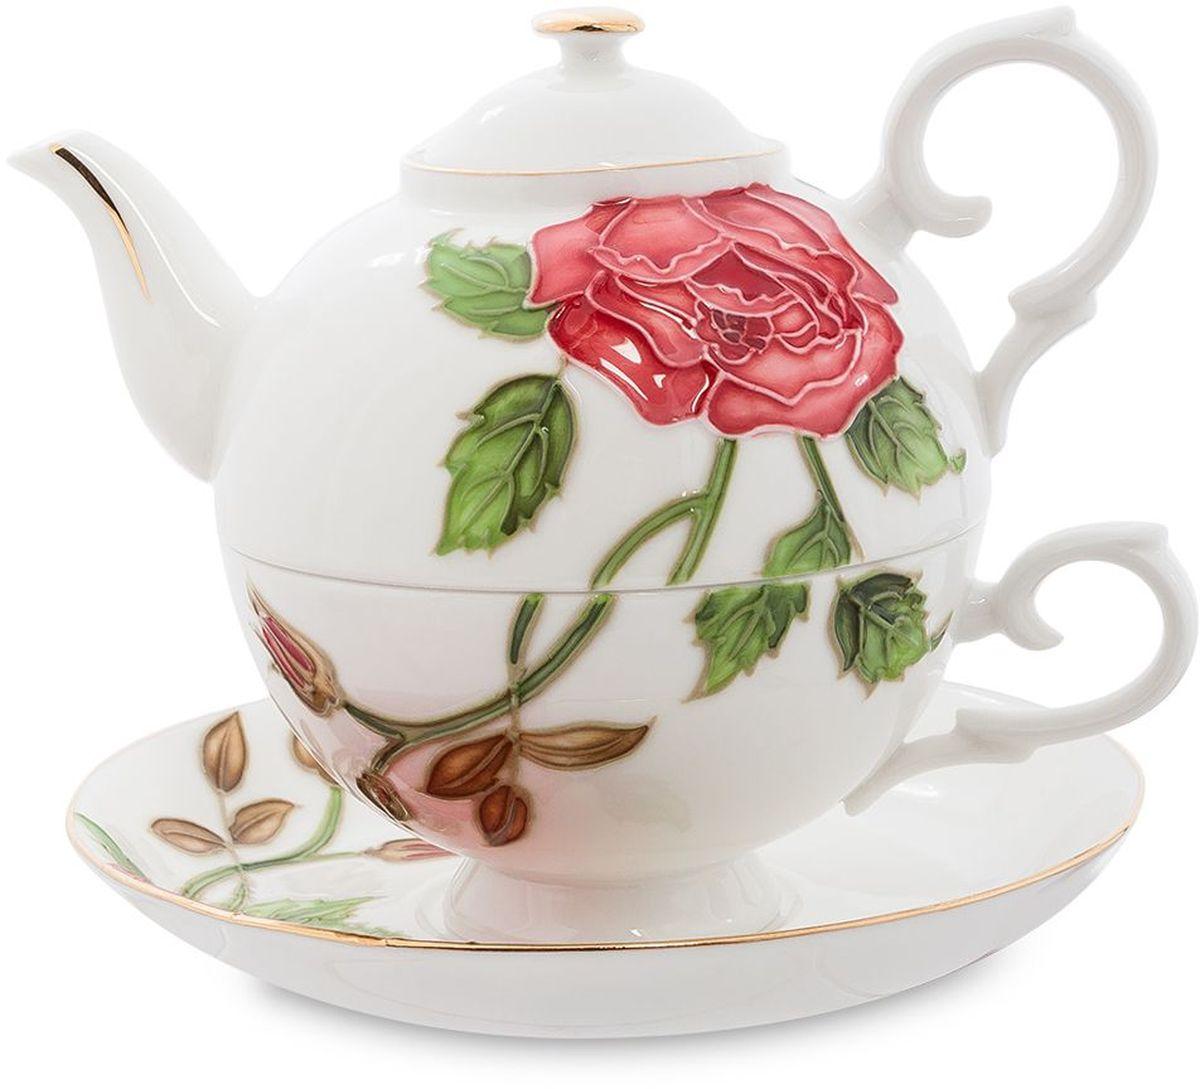 Набор чайный Pavone Золотая Роза, 3 предмета. 451587451587Объем чайника: 400 мл Объем чаши: 250 мл Диаметр блюдца: 15 см